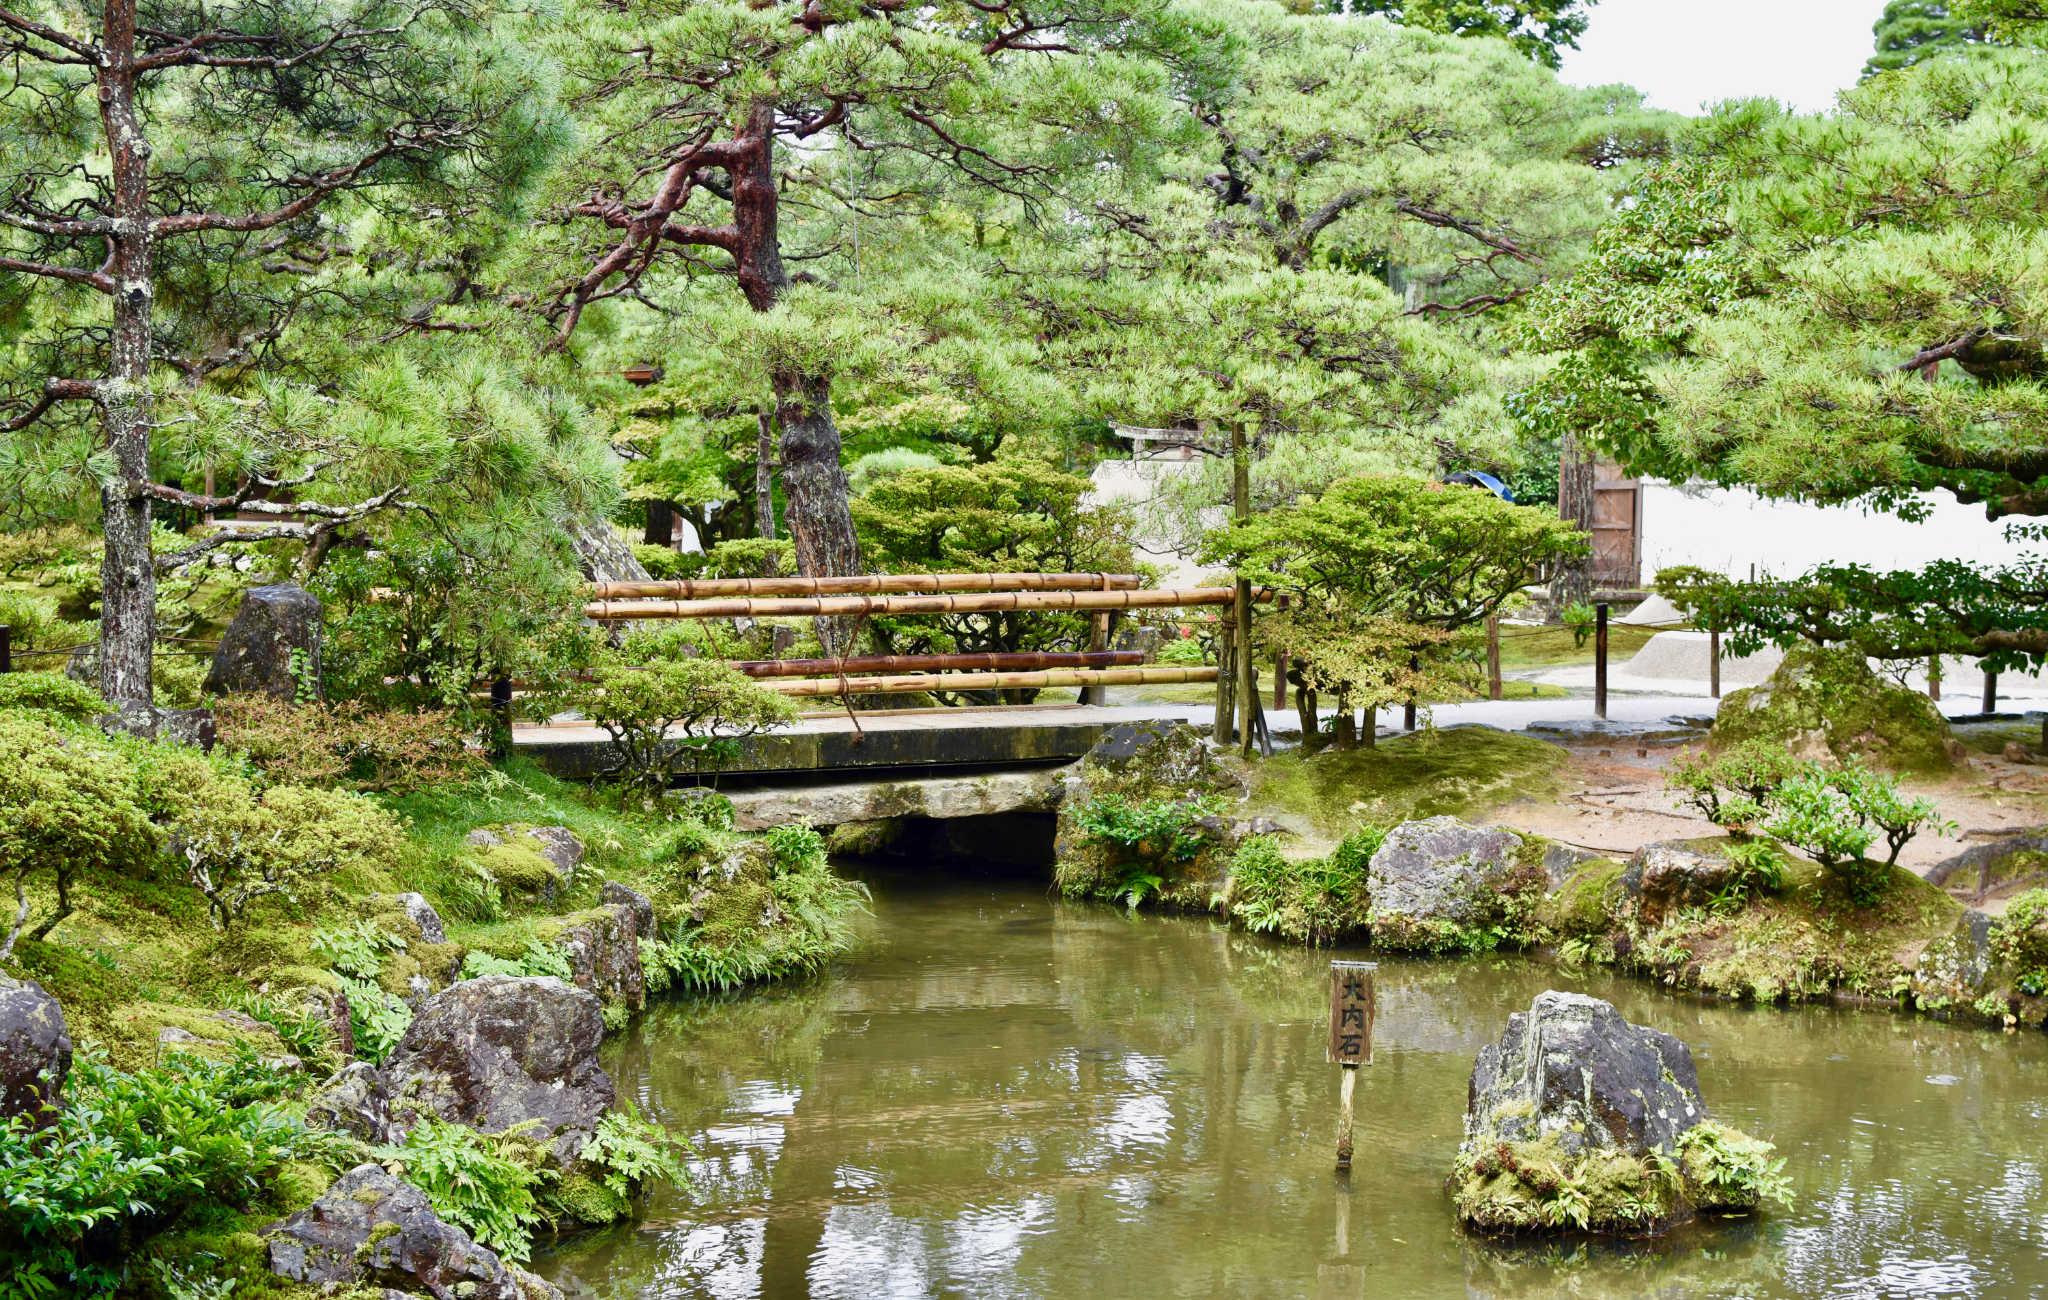 Le circuit autour du temple passe par de nombreux ponts, ruisseaux et lac